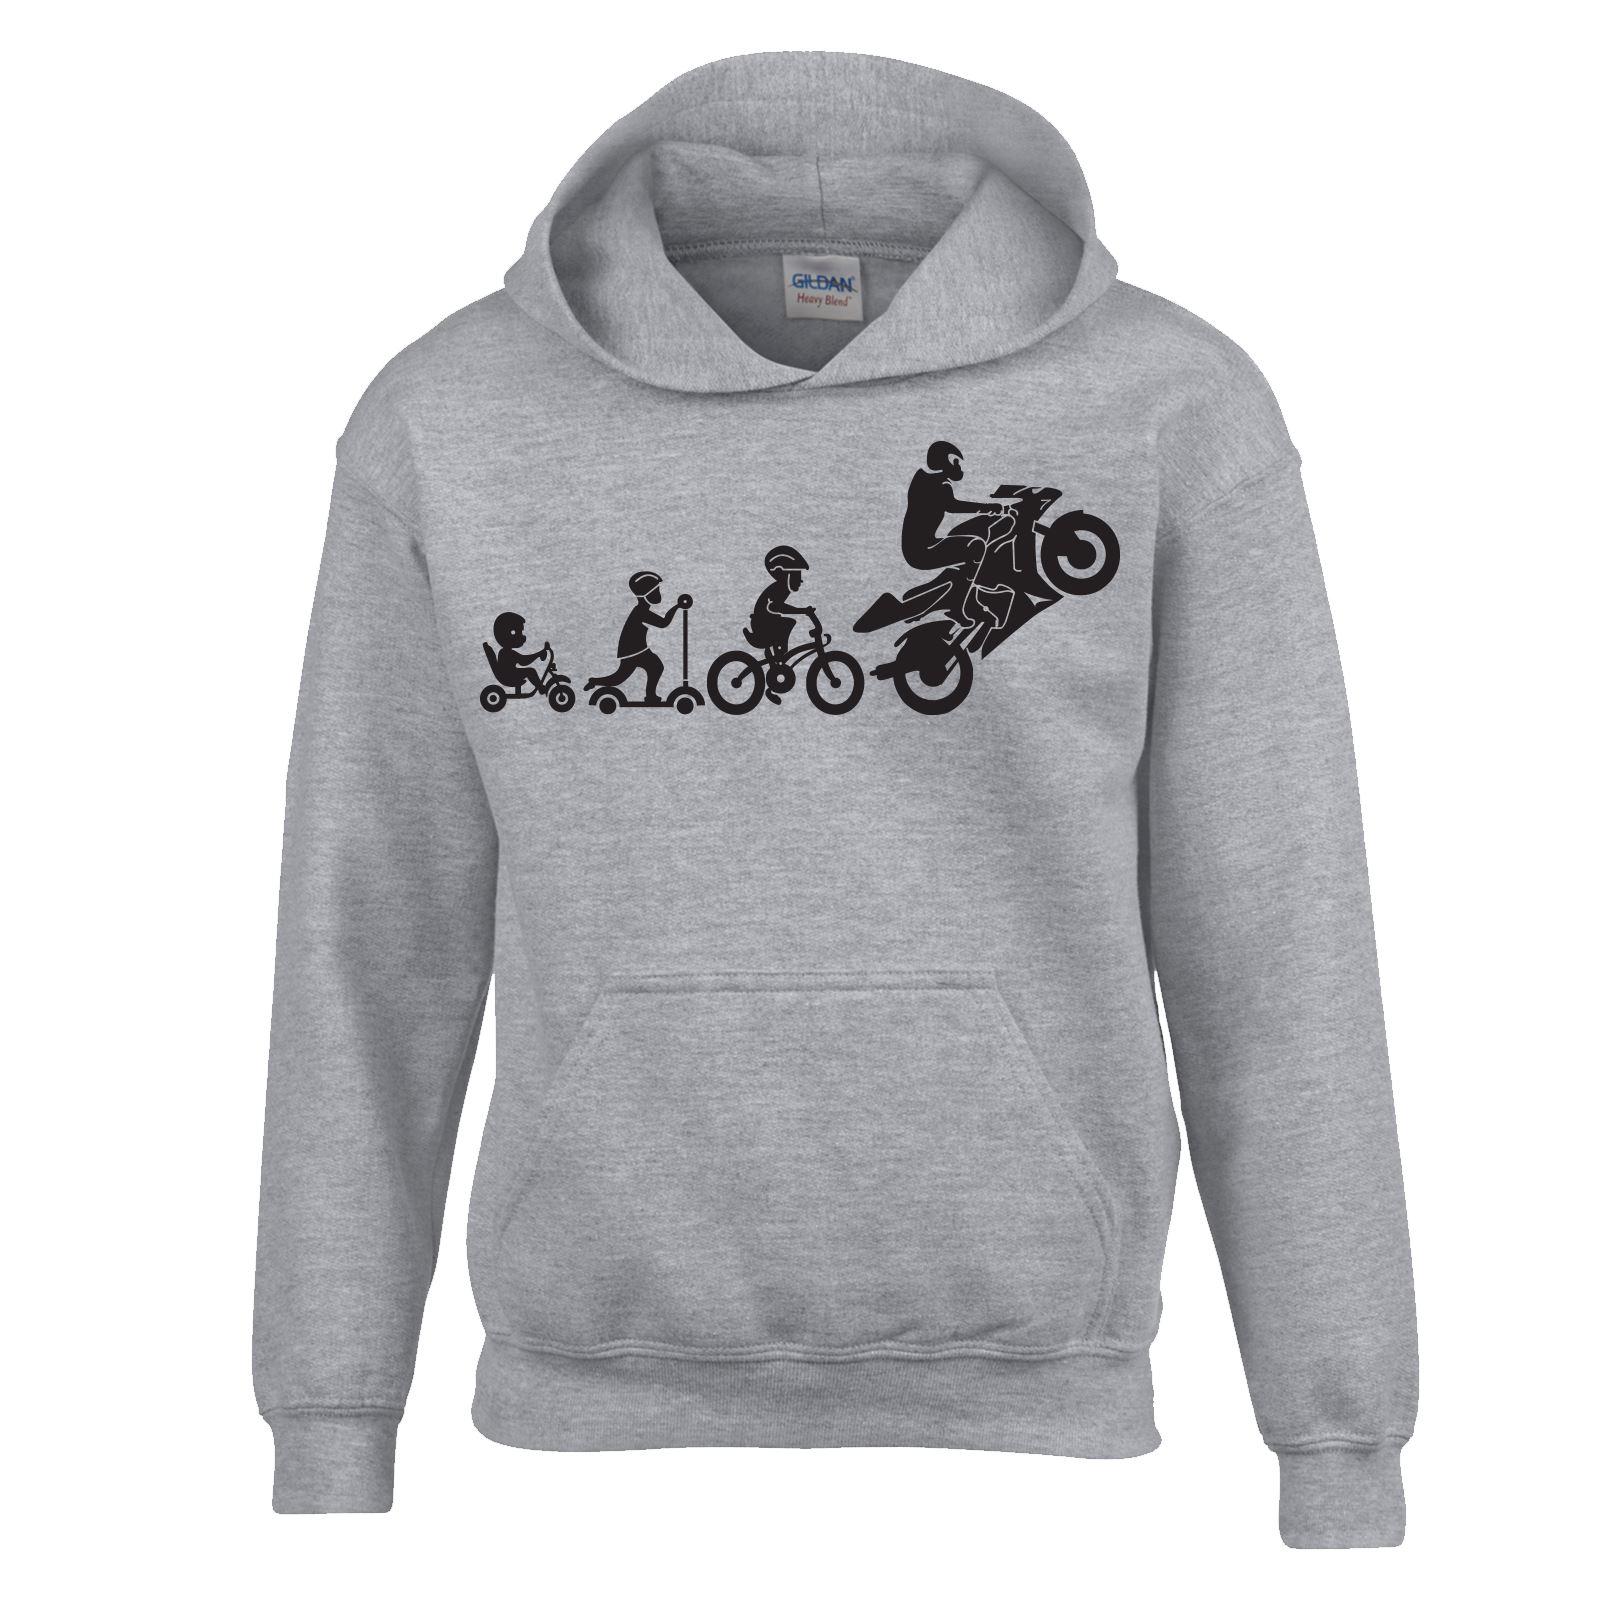 Bike Evolution SweatShirt Kids Adults Hoodie Inspired Wear Fancy New Dress Top